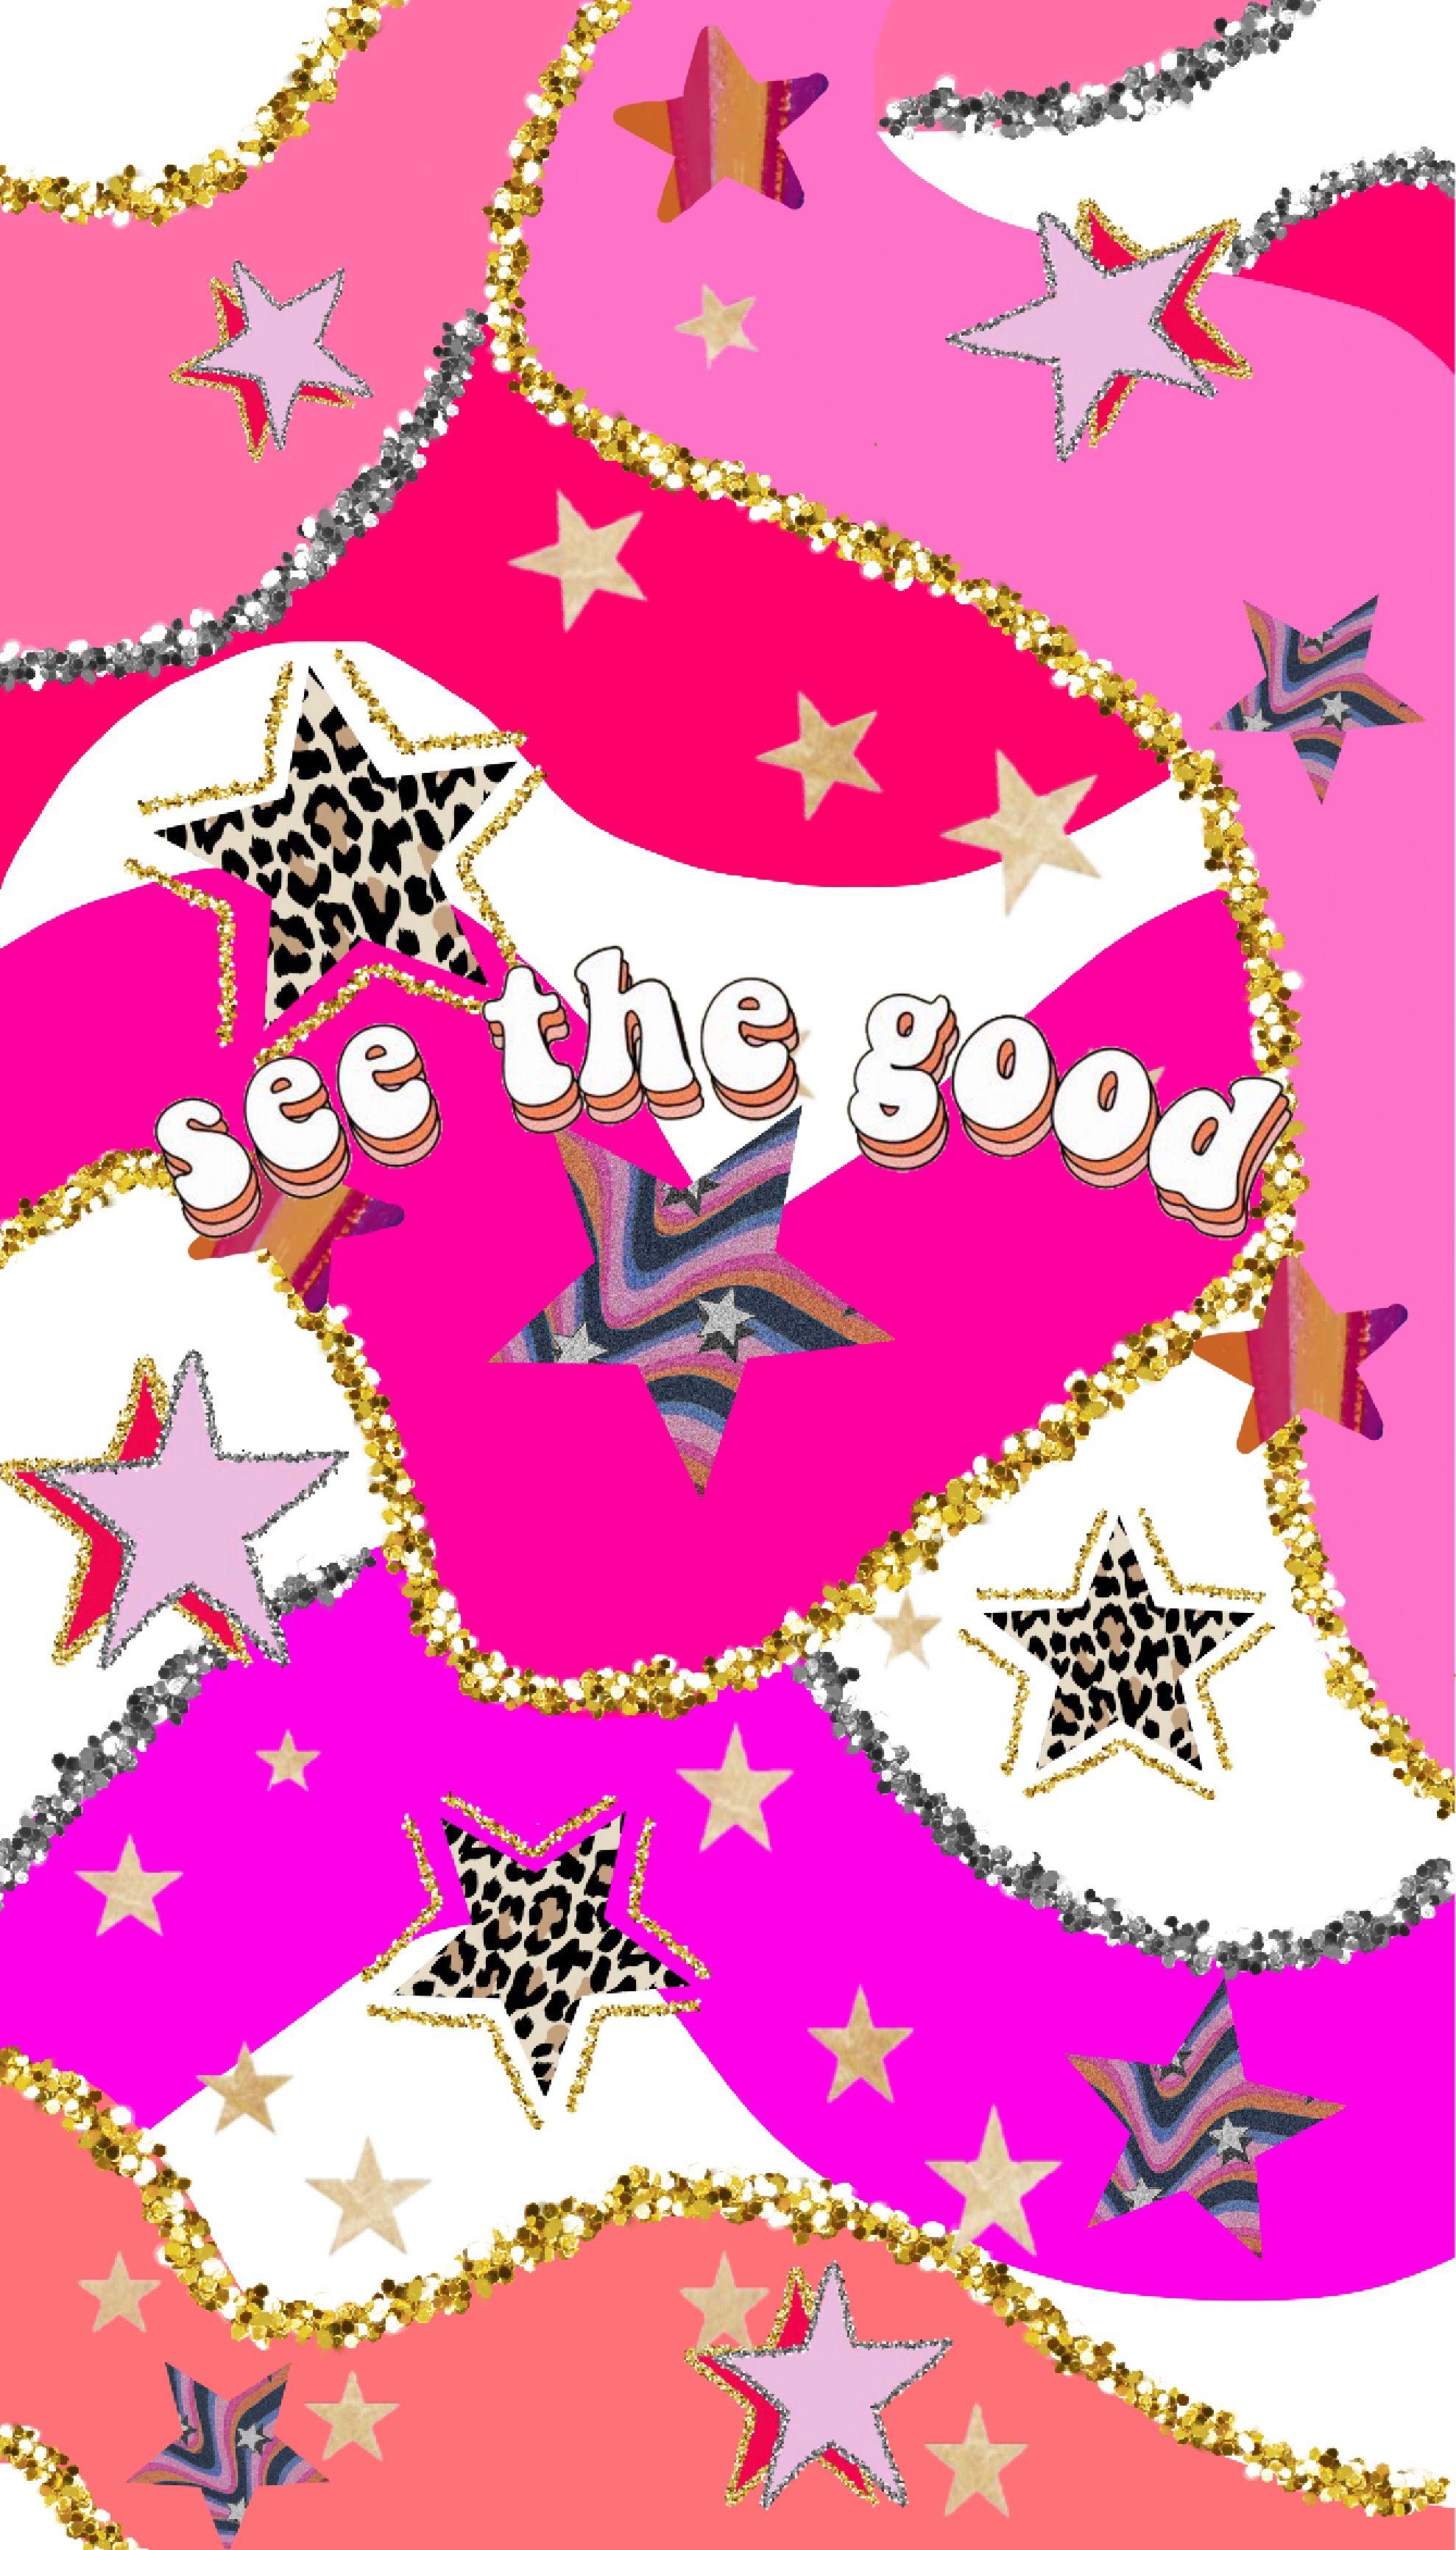 Vsco Pink Wallpaper Stars And Glitter Preppy Wallpaper Iphone Wallpaper Vsco Wallpaper Iphone Cute